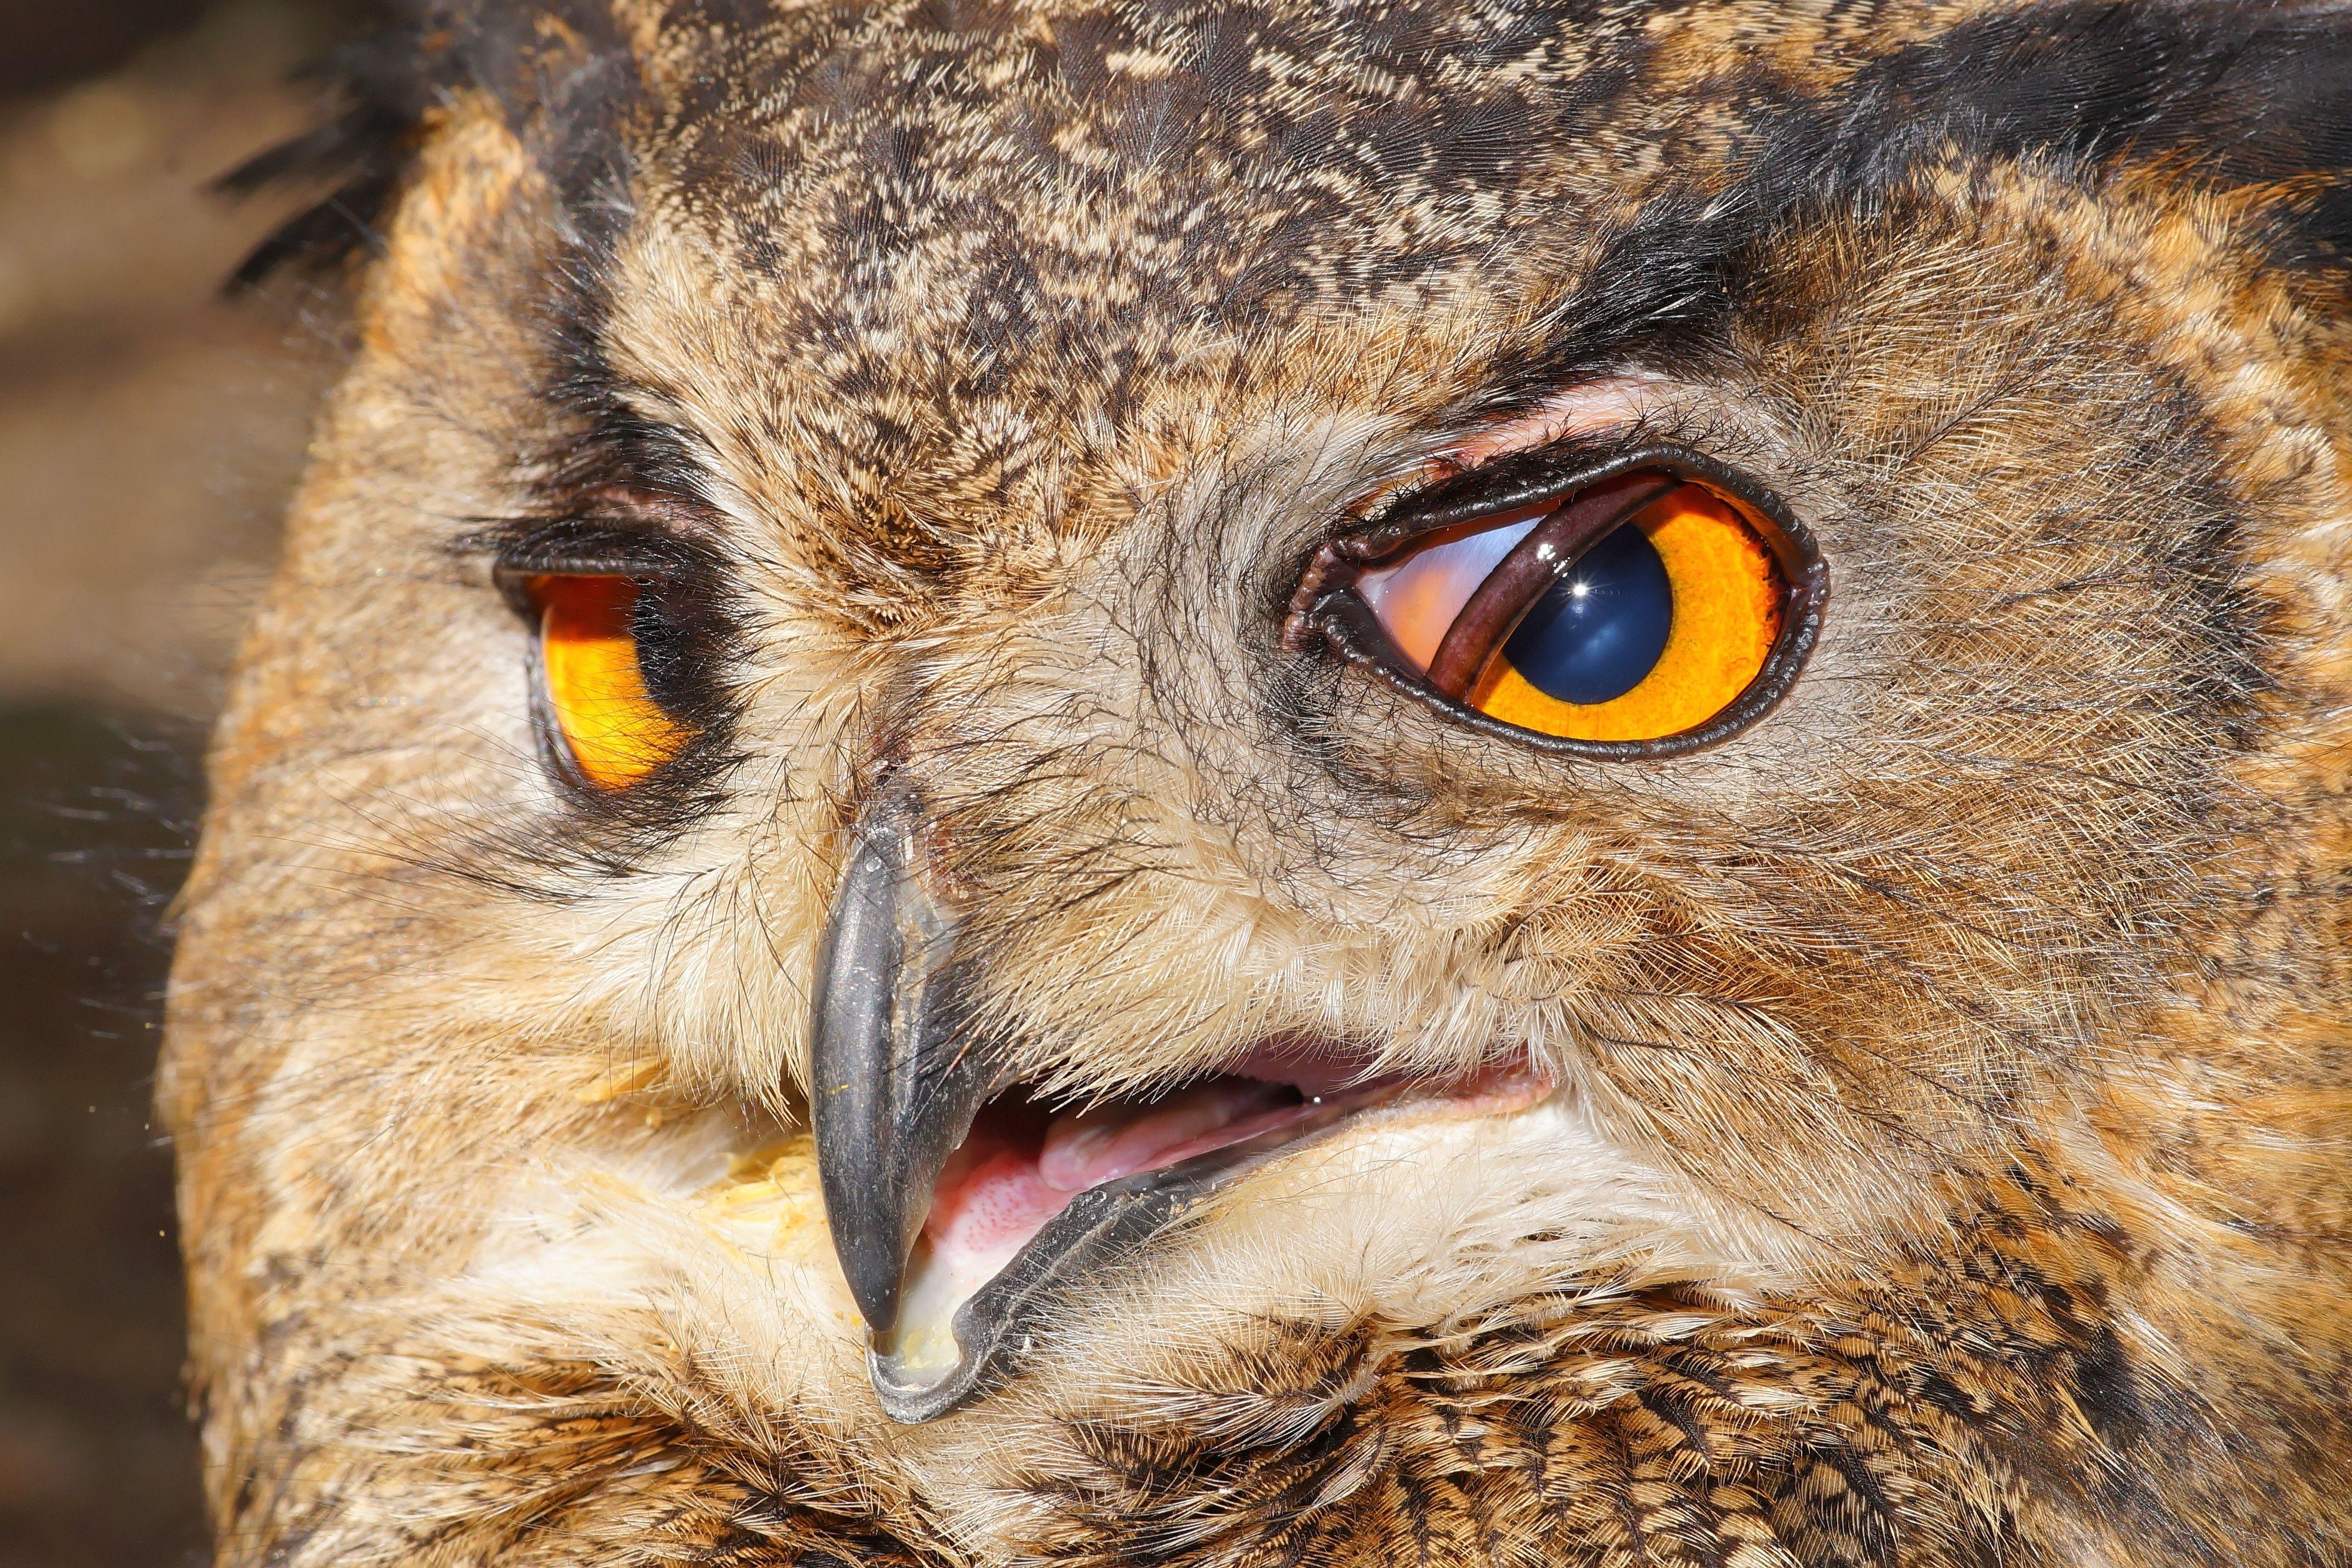 Eagle Owl Eyes Free Image